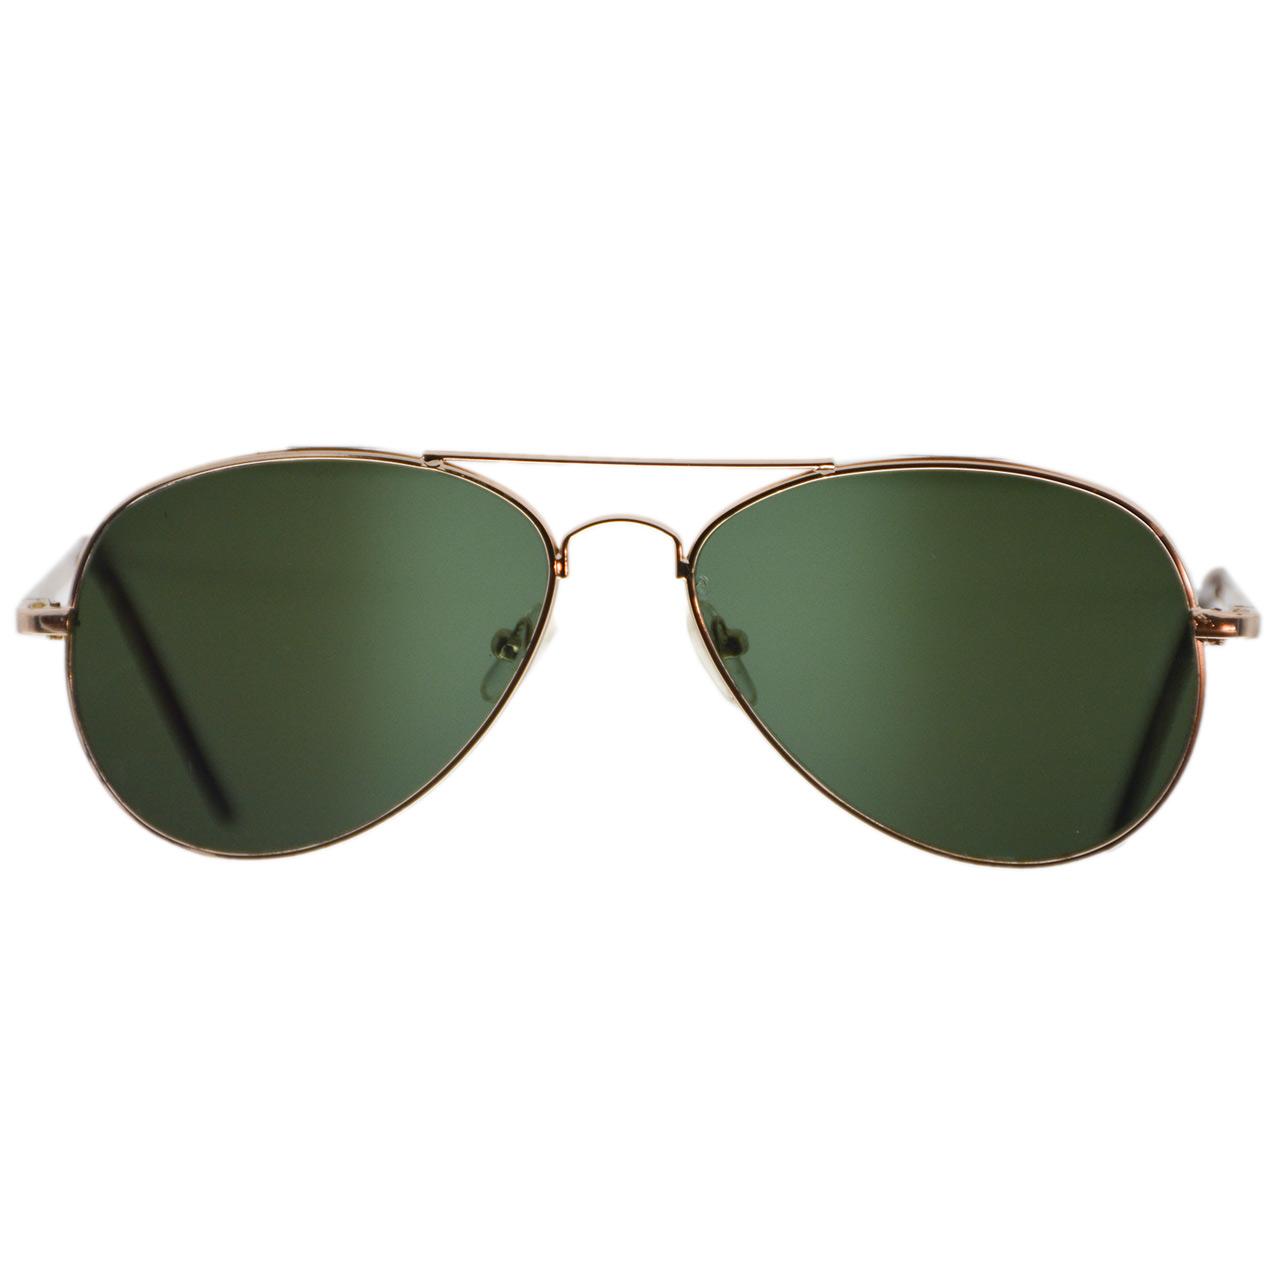 قیمت عینک آفتابی مدل 2881